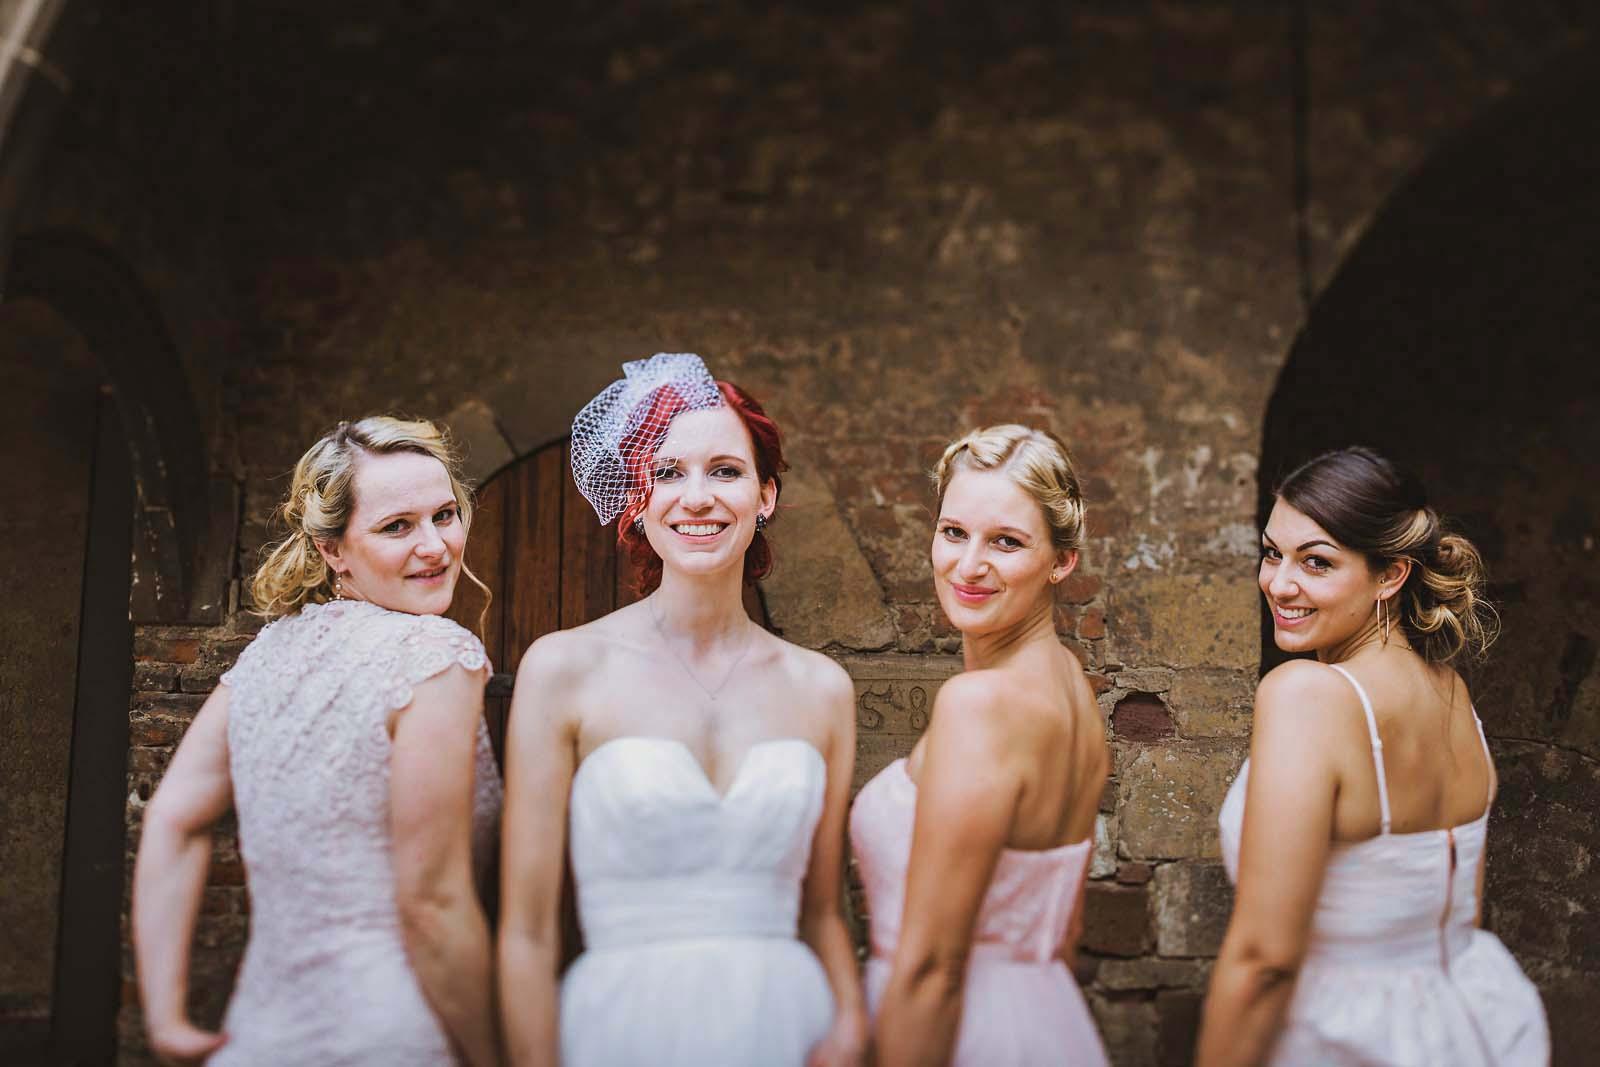 Gruppenfoto vom professionellem Hochzeitsfotograf Berlin Copyright by Hochzeitsfotograf www.berliner-hochzeitsfotografie.de